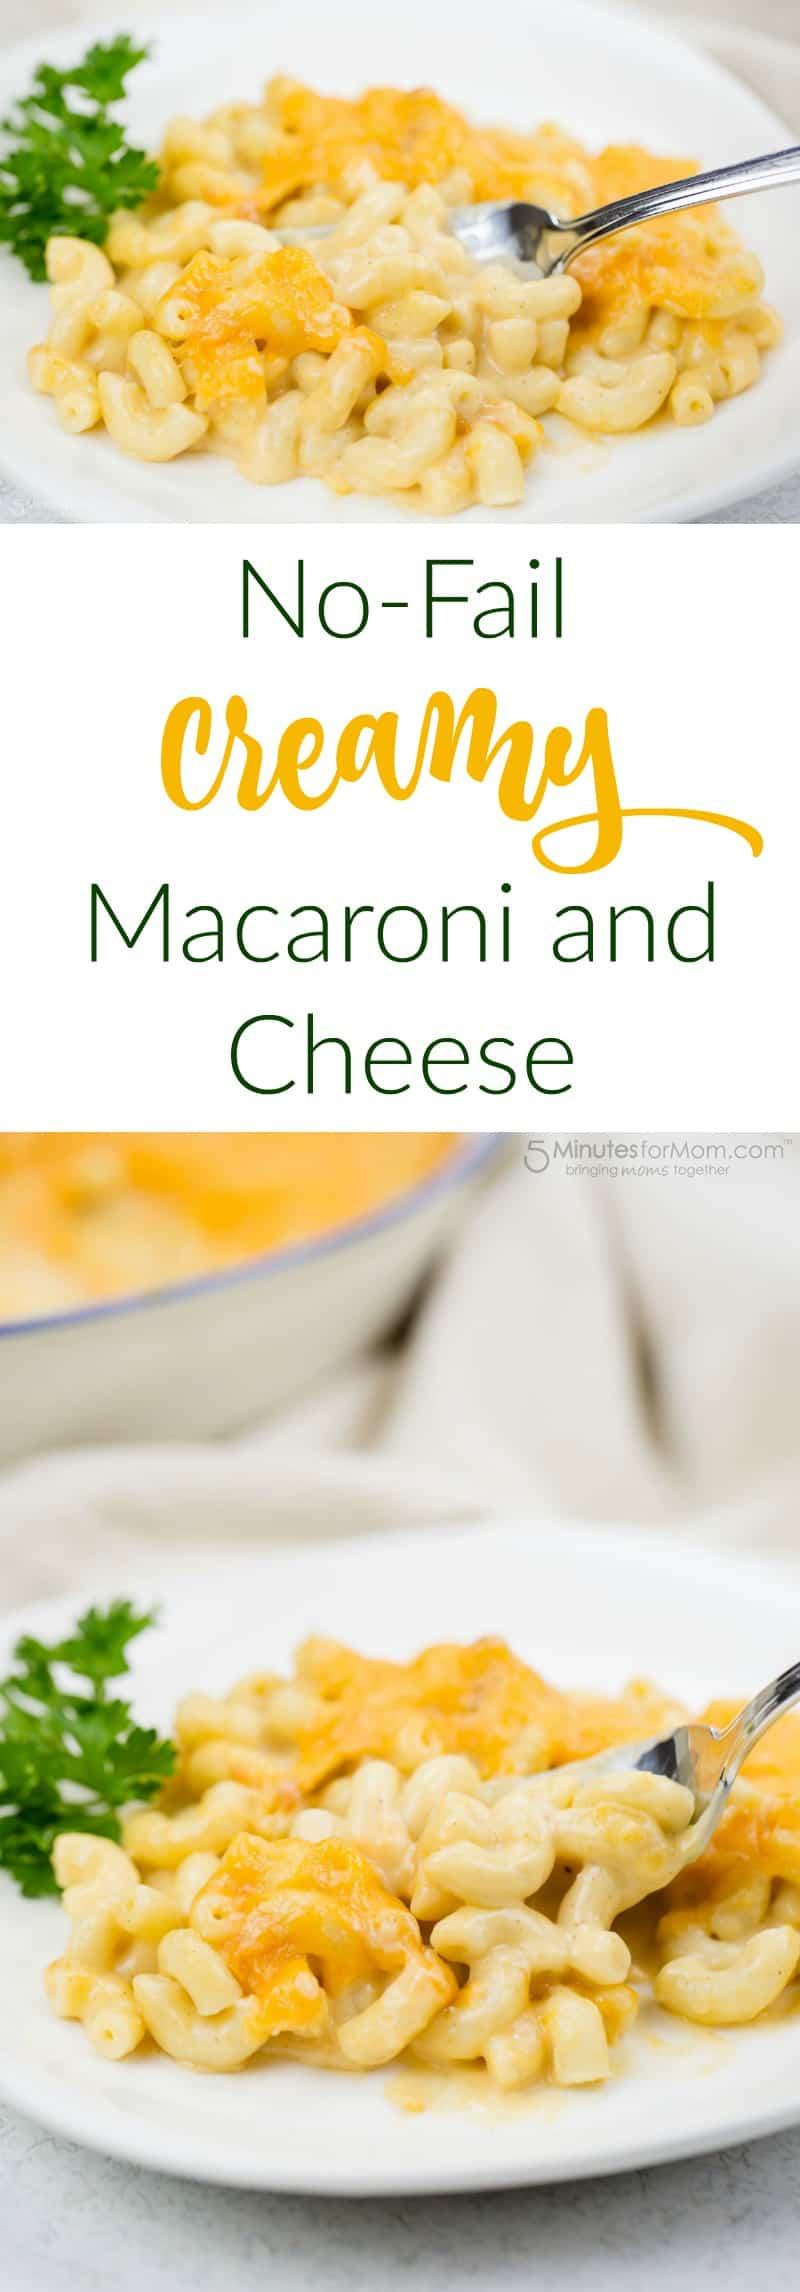 Kreminių makaronų ir sūrio receptas